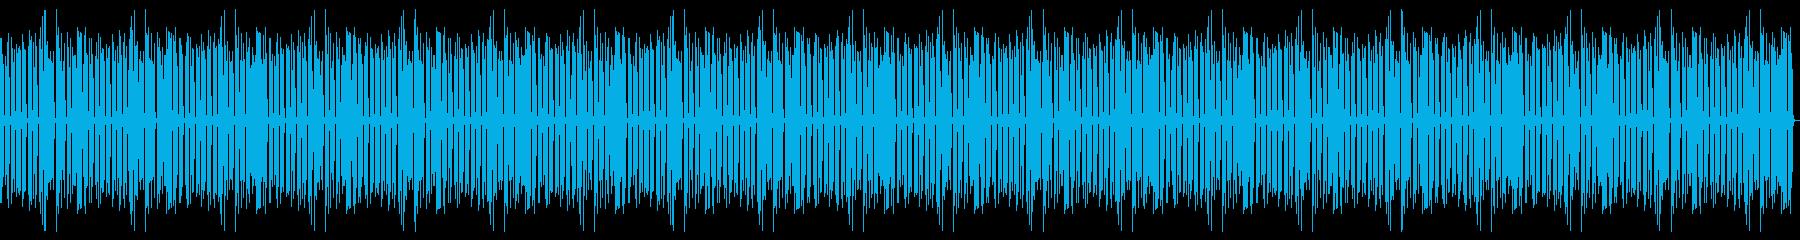 知育・積み木・パズル・日常ピアノ49Lの再生済みの波形